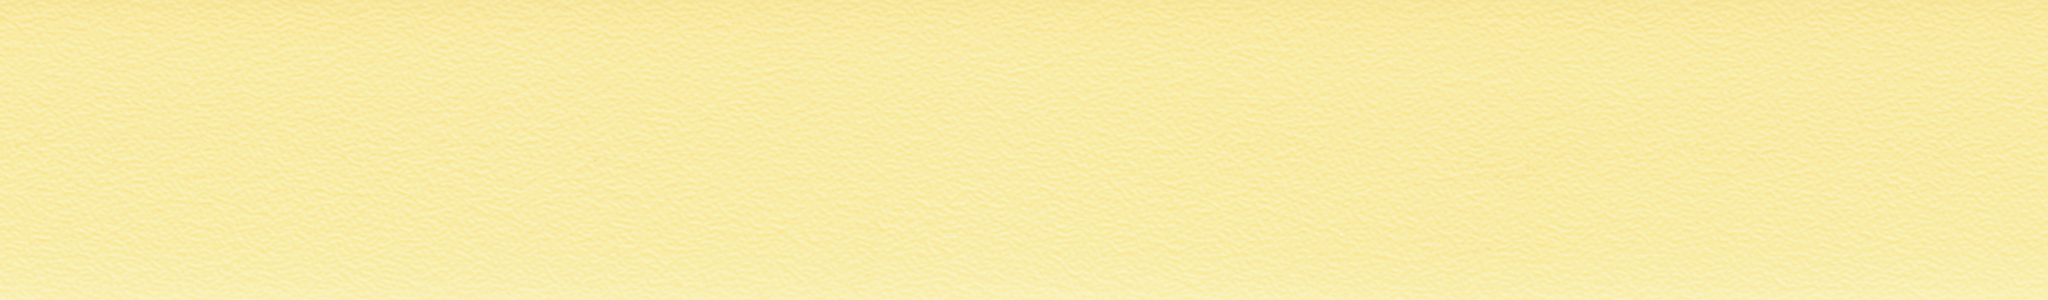 HU 11307 ABS hrana žlutá perla 101